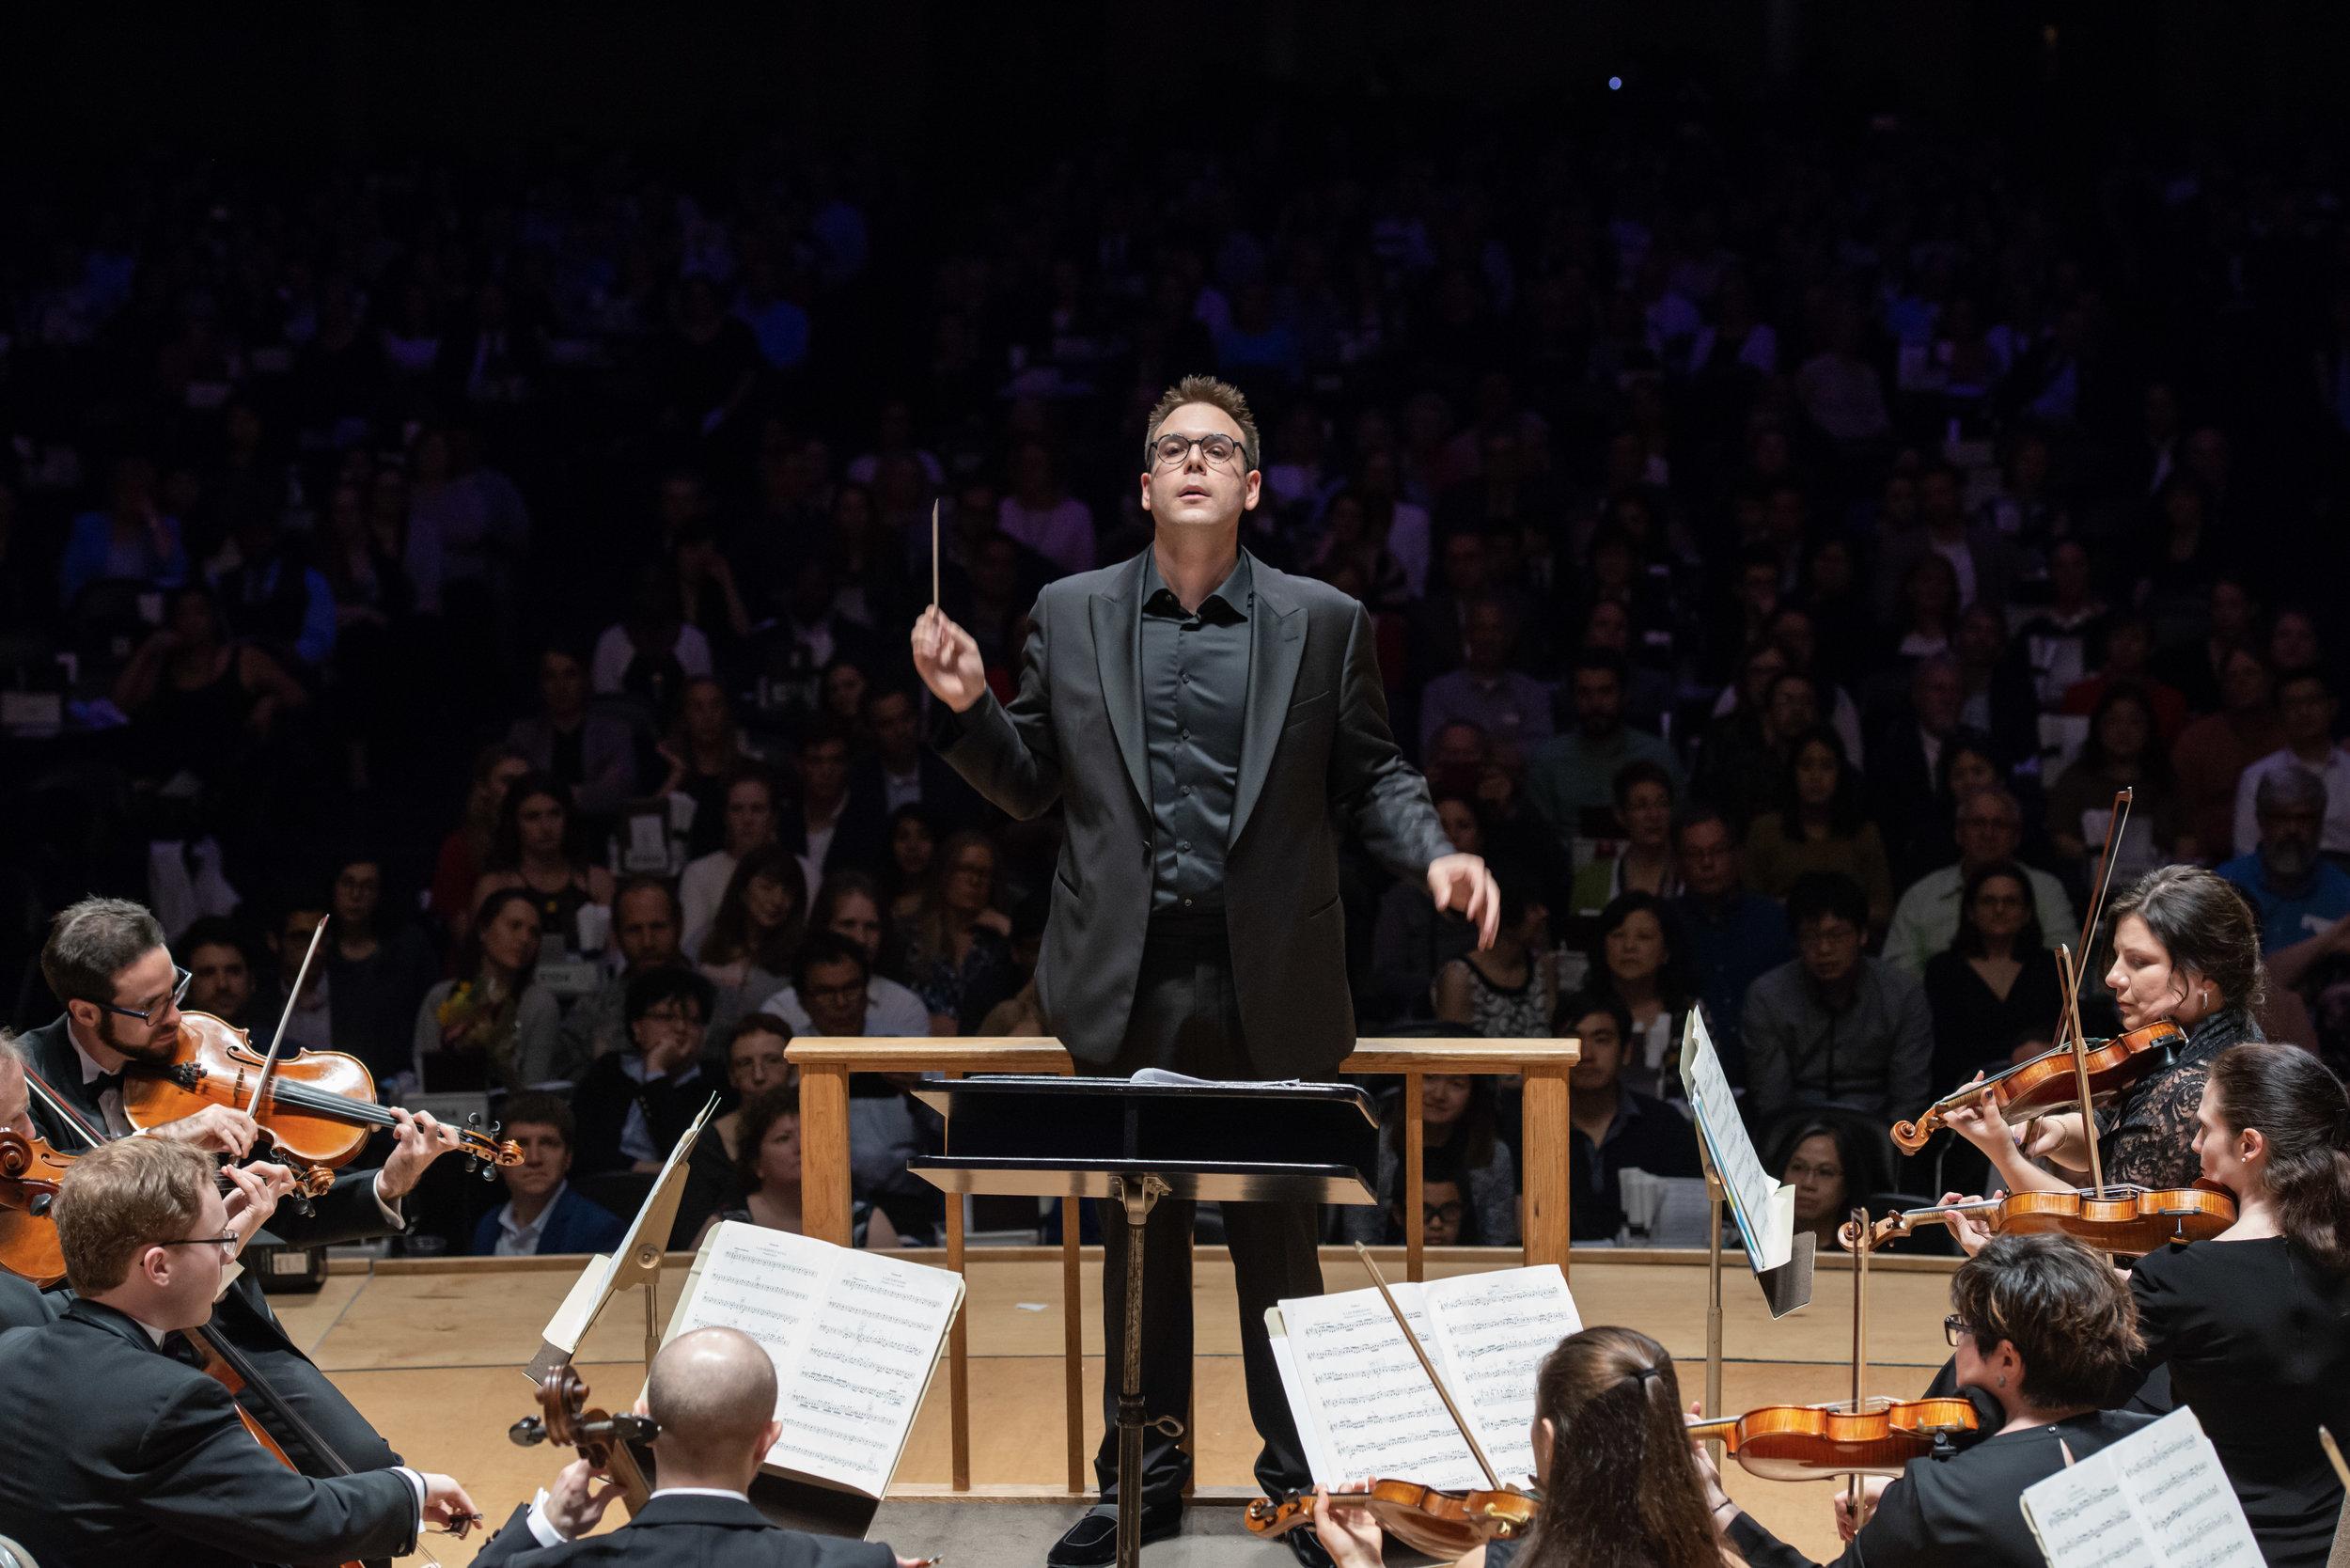 SymphonyForScience-Concert_DSC7232.jpg